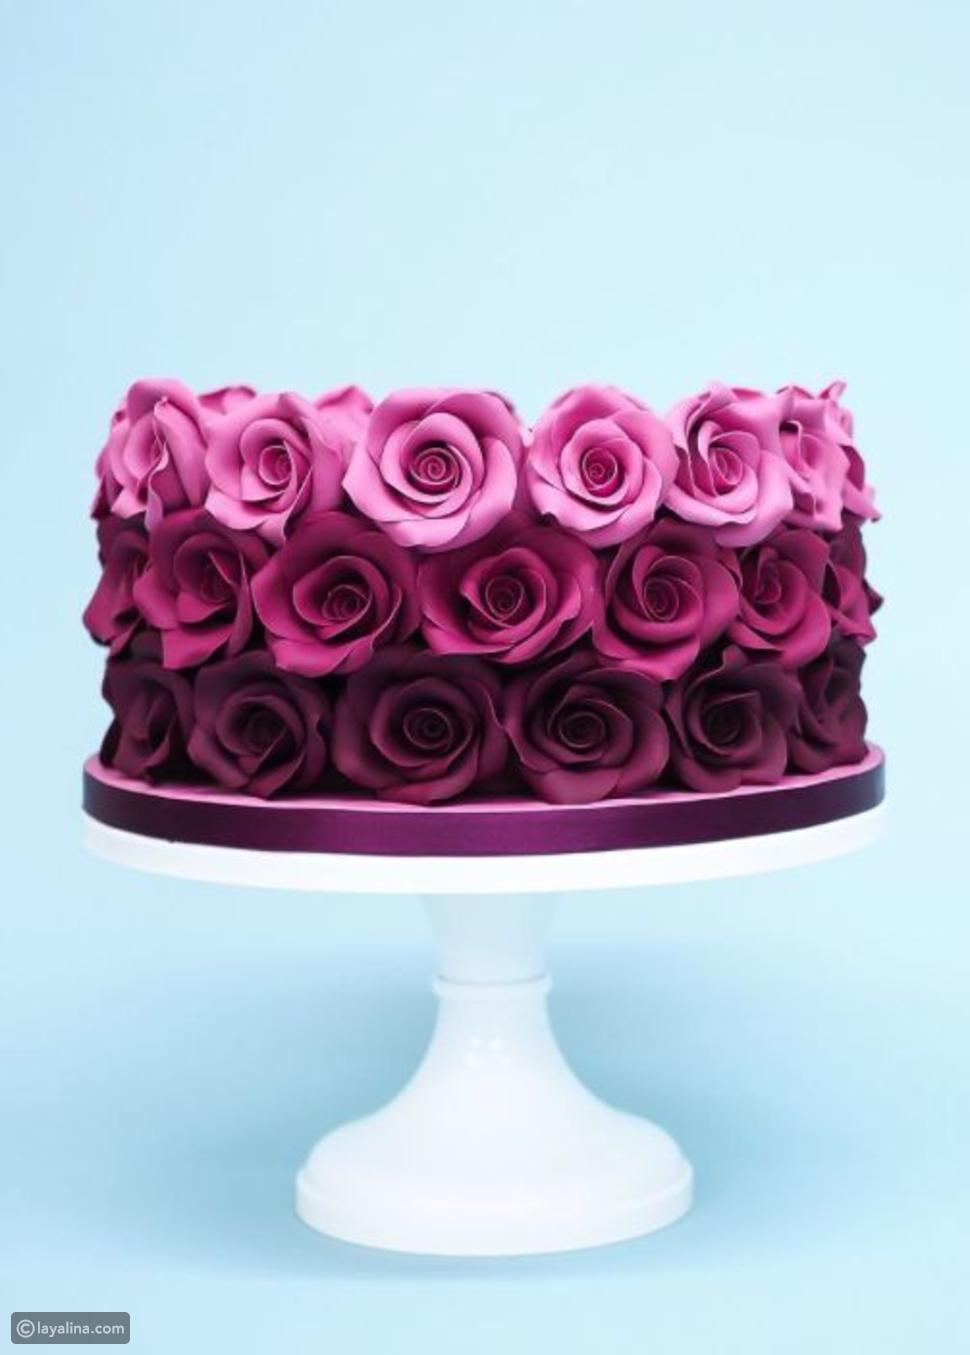 هذه الكيكة تجمع بين الوردي والنبيذي